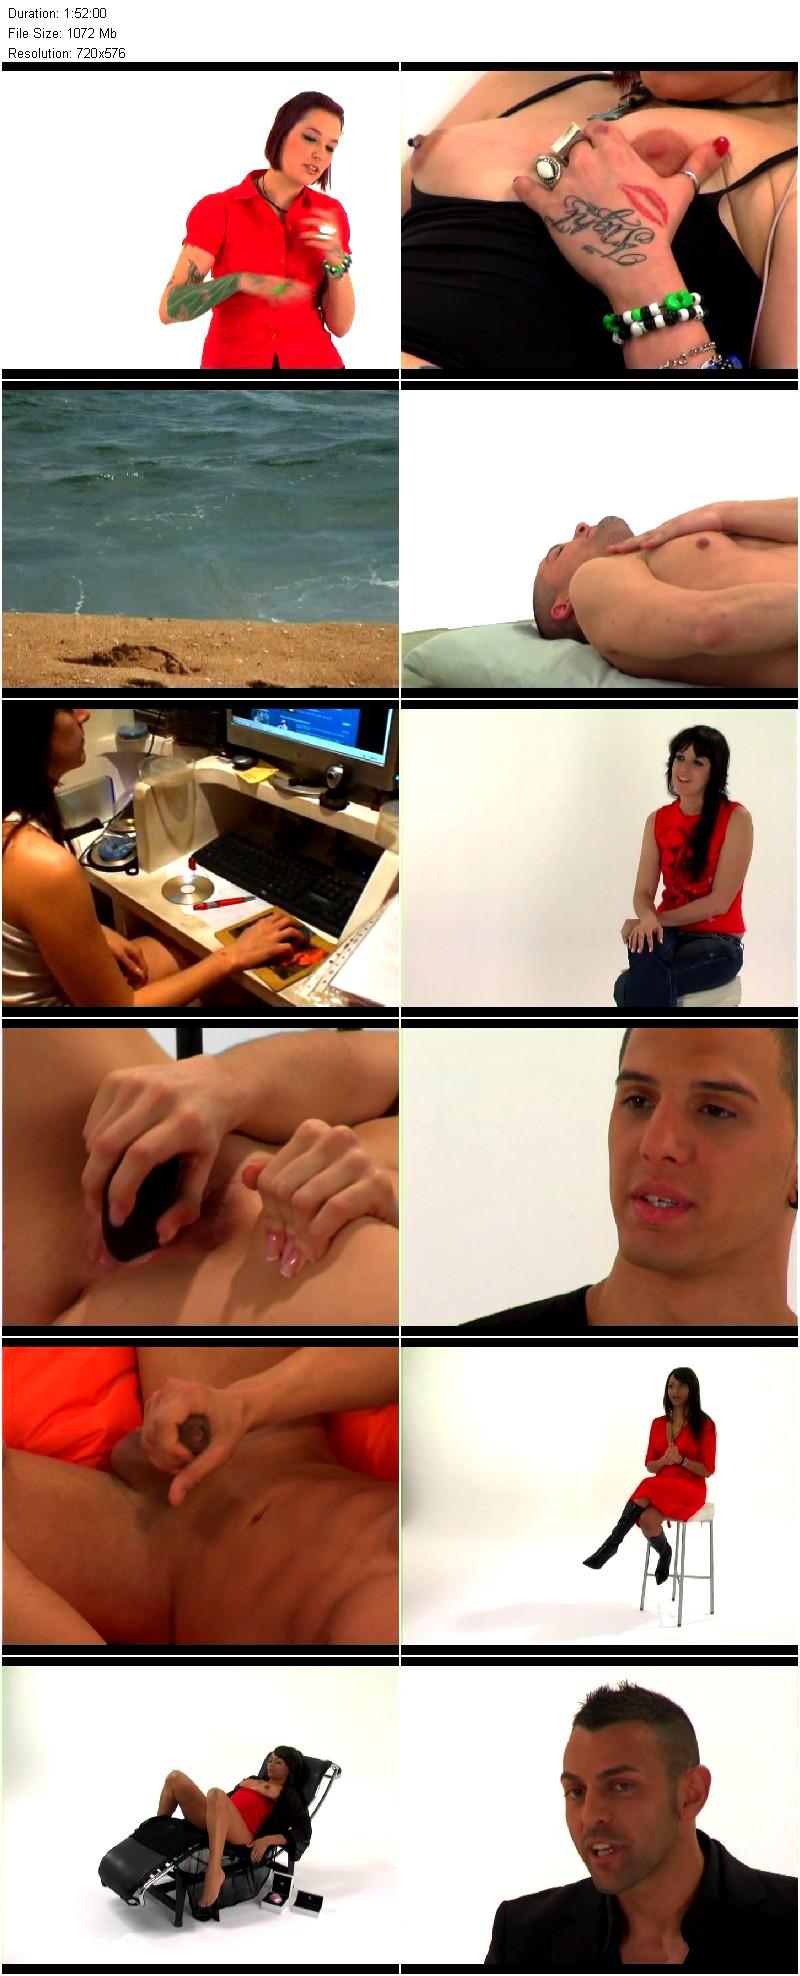 когда устают фильм барселонский секс проект смотреть онлайн фото носят характер